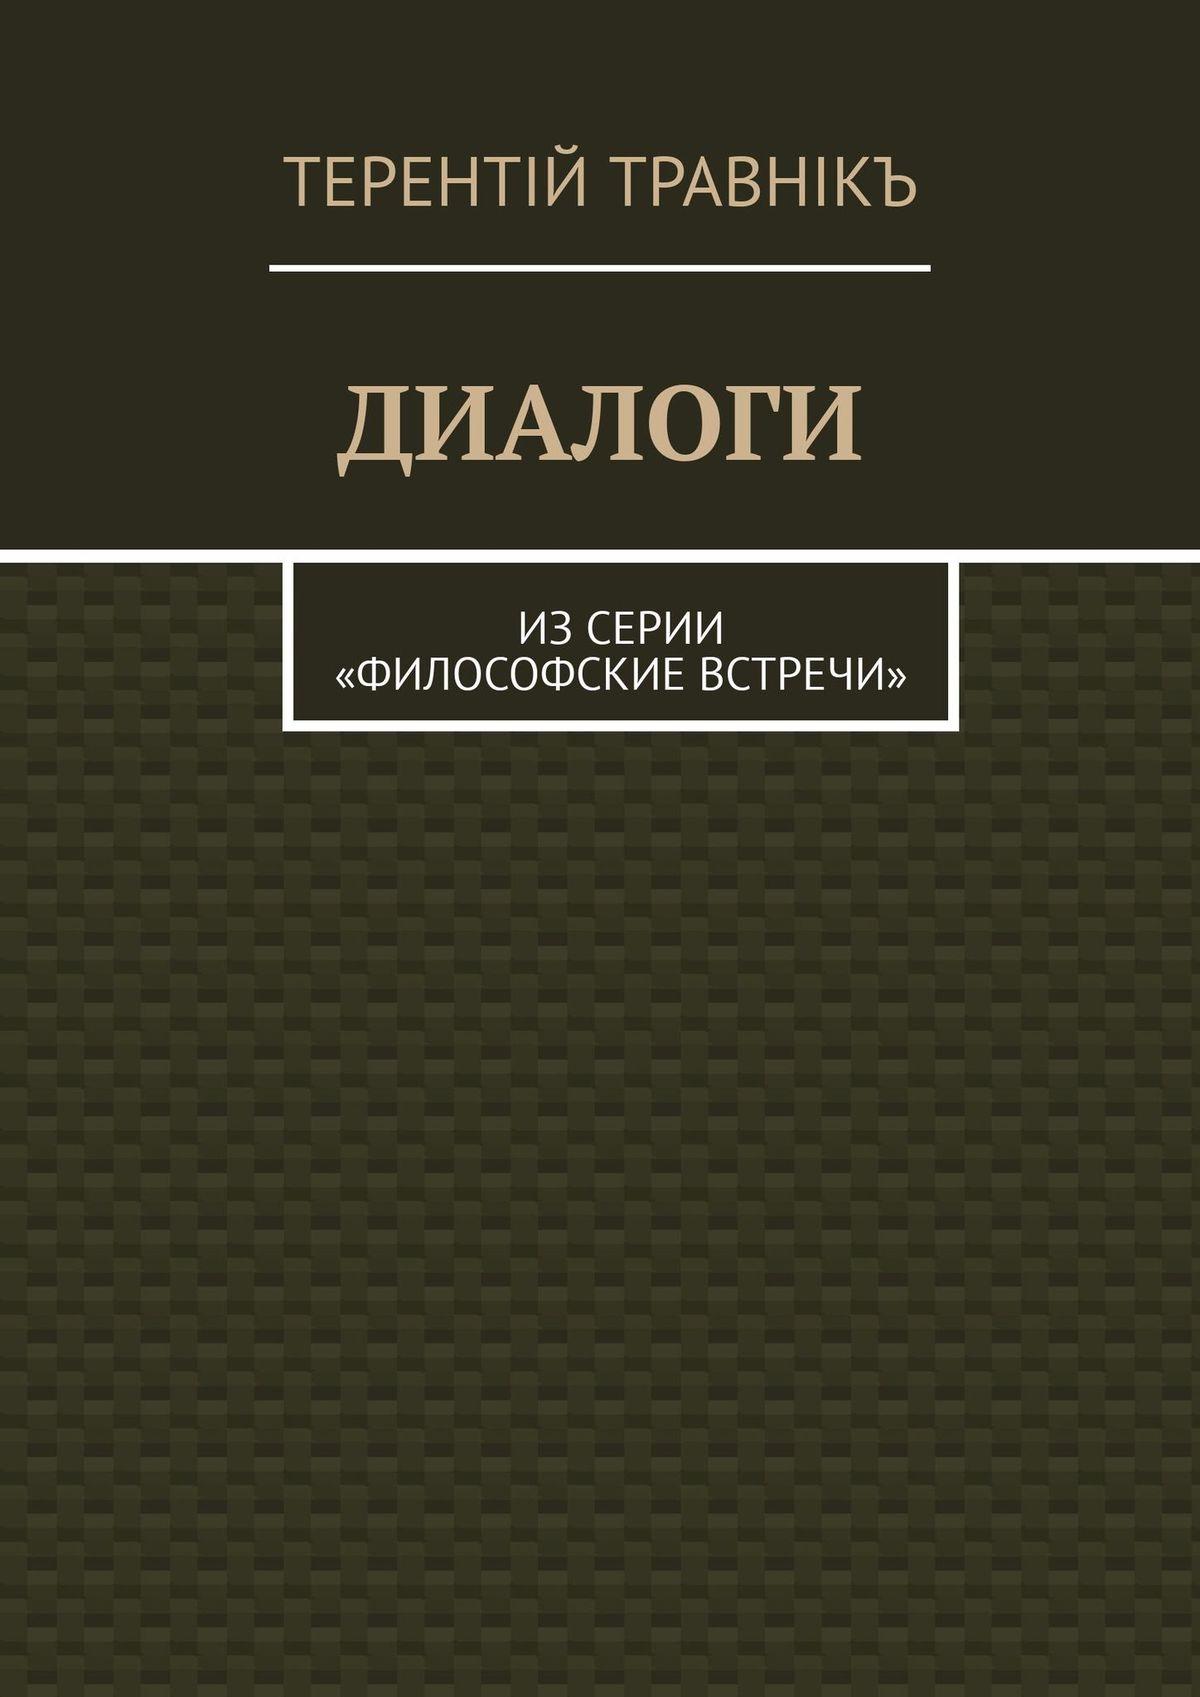 Диалоги. Изсерии «Философские встречи»